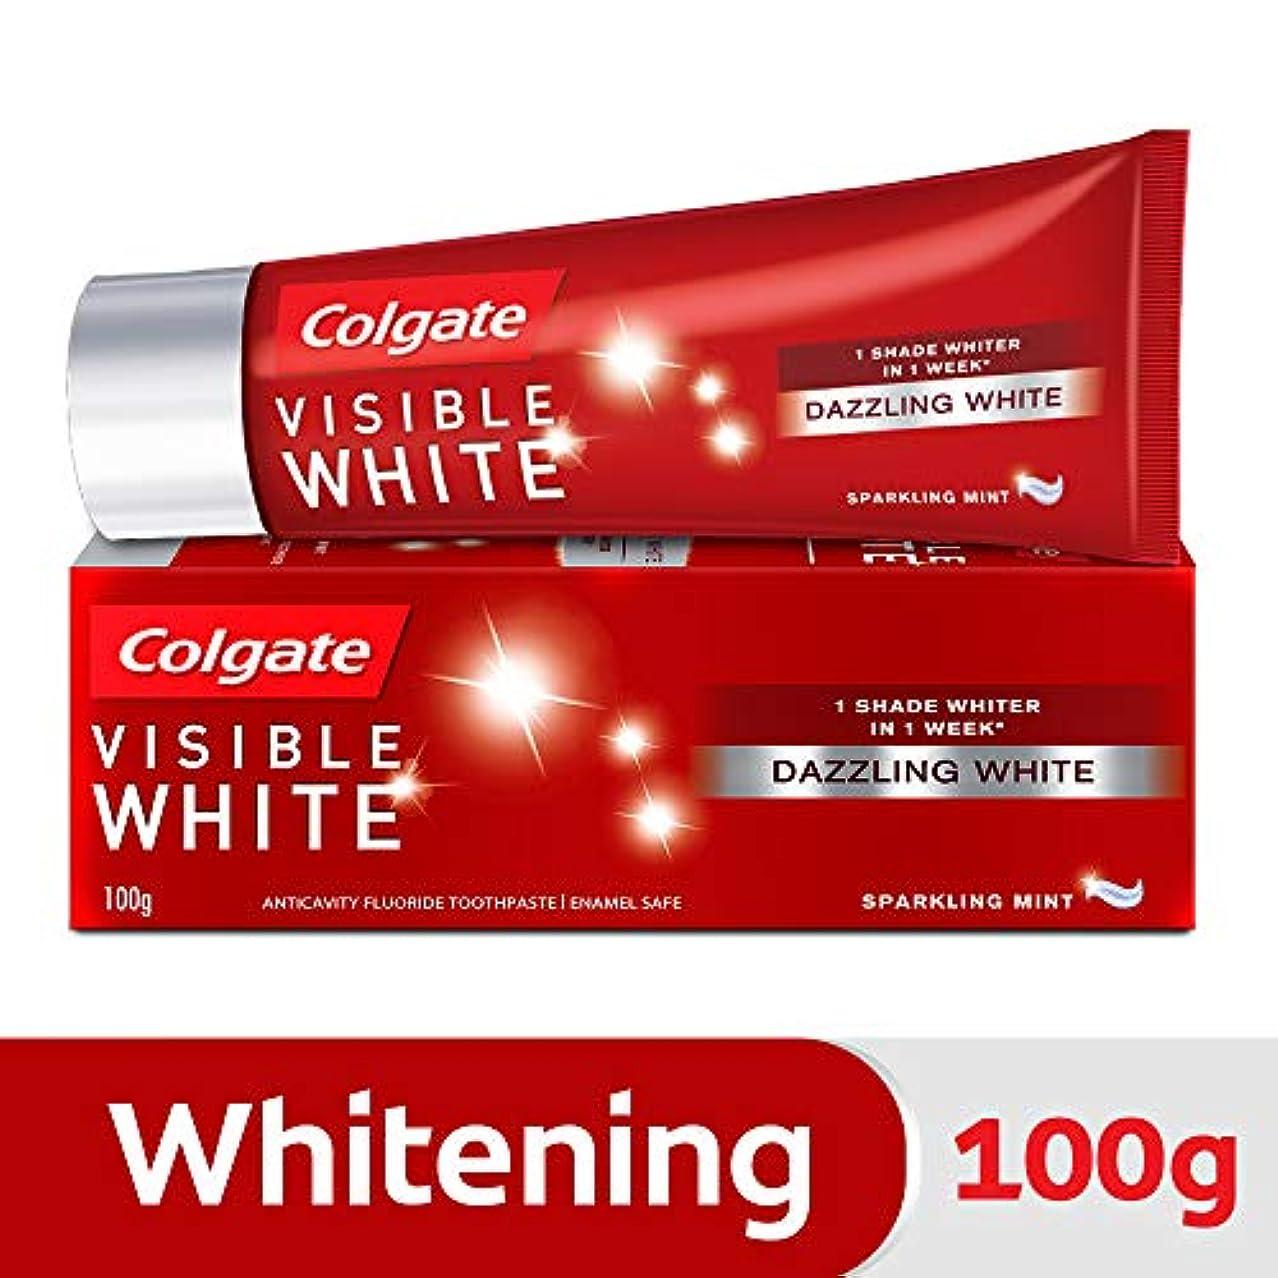 あいにく電池不安Colgate Visible White Dazzling White Toothpaste, Sparkling Mint - 100gm